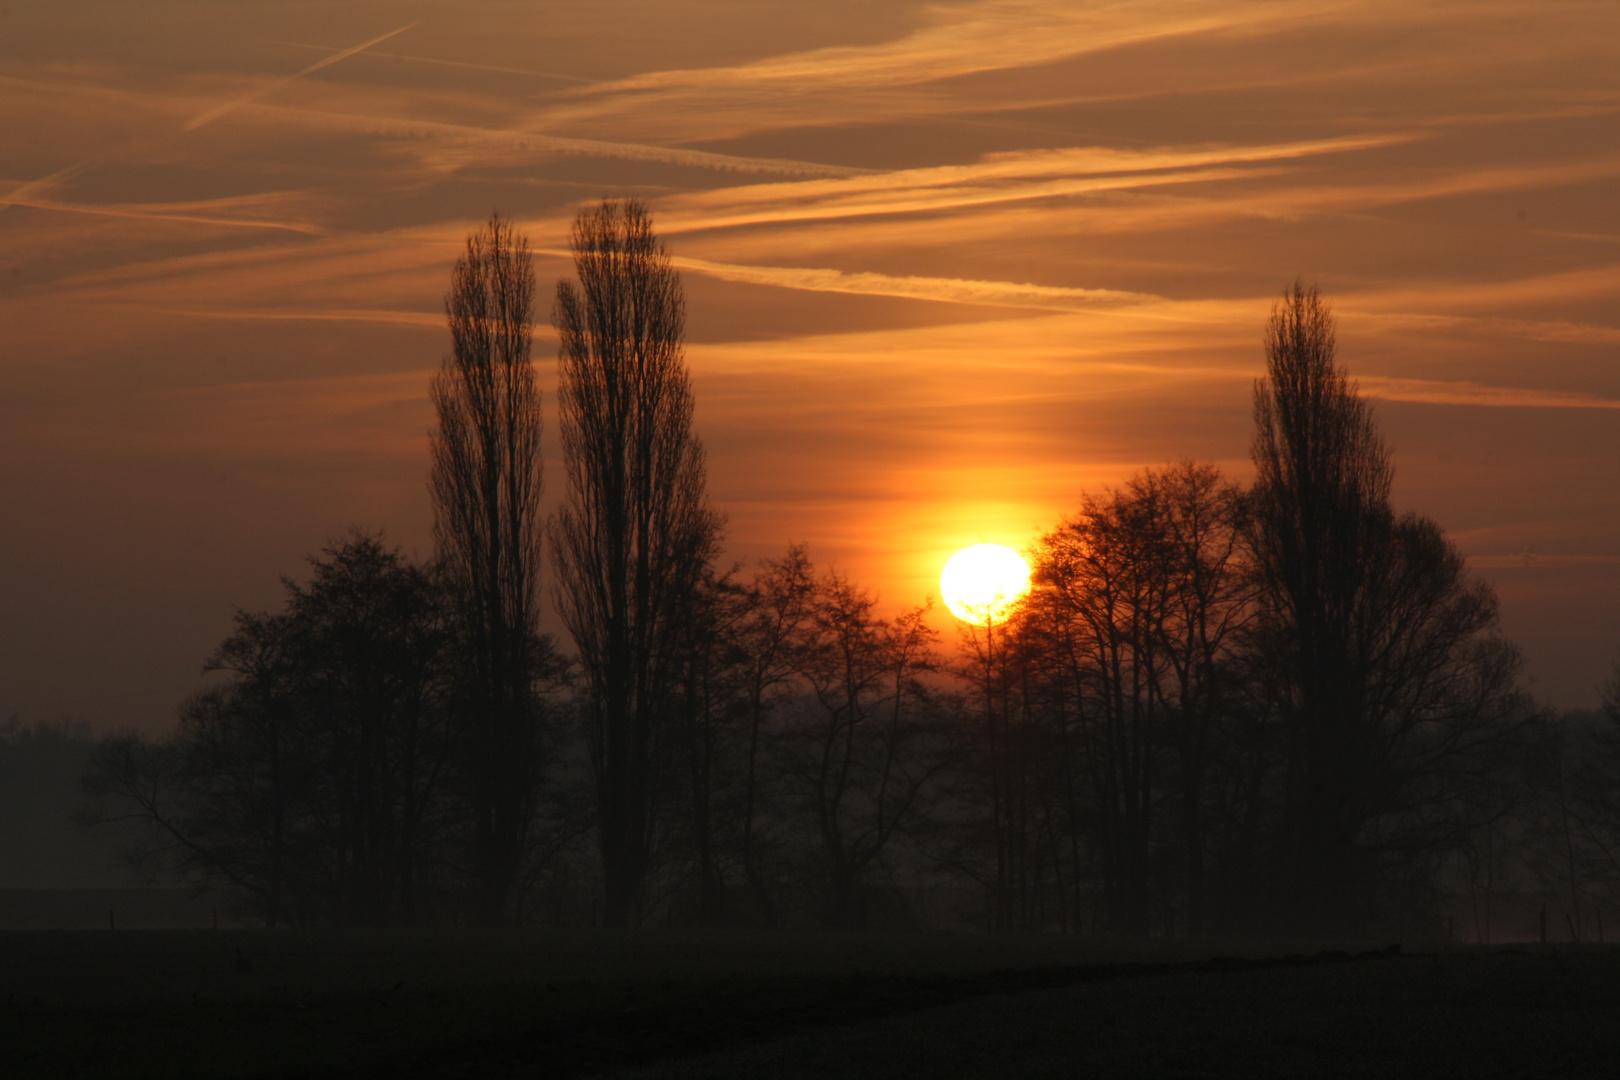 Sonnenaufgang von heute